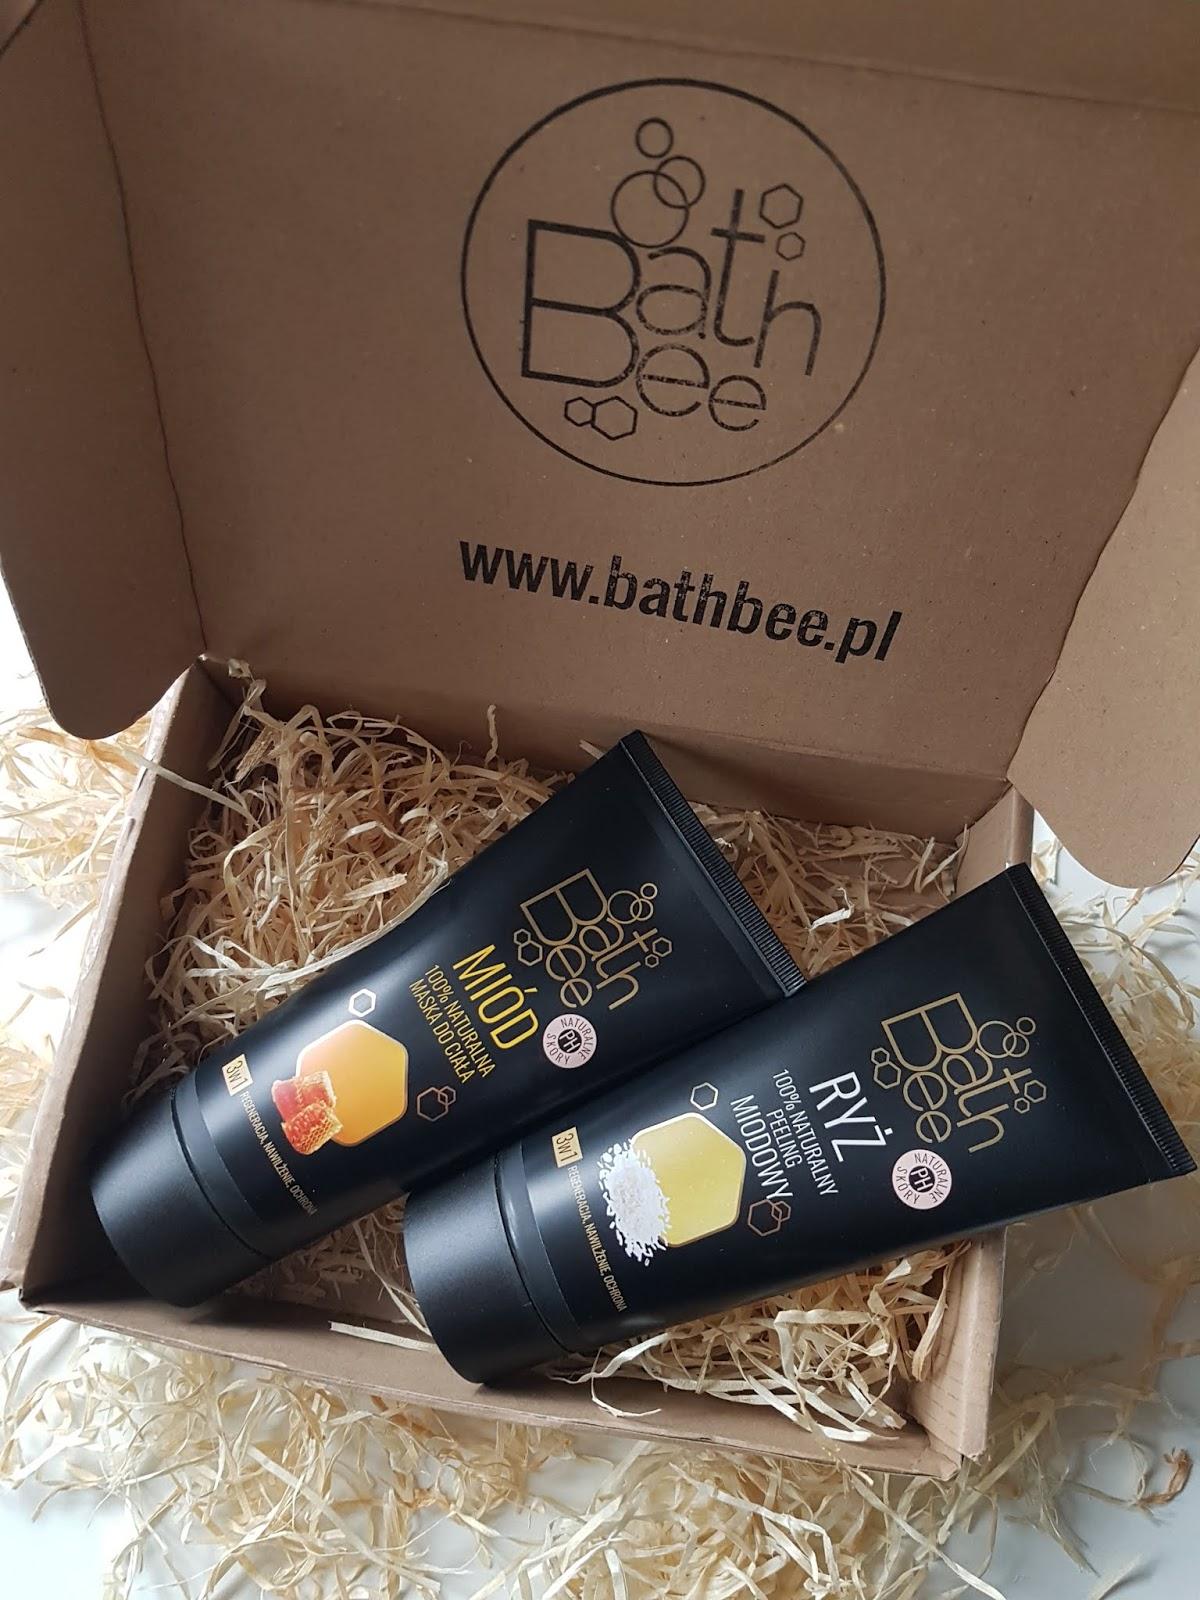 Bathbee - siła miodu w polskich kosmetykach naturalnych